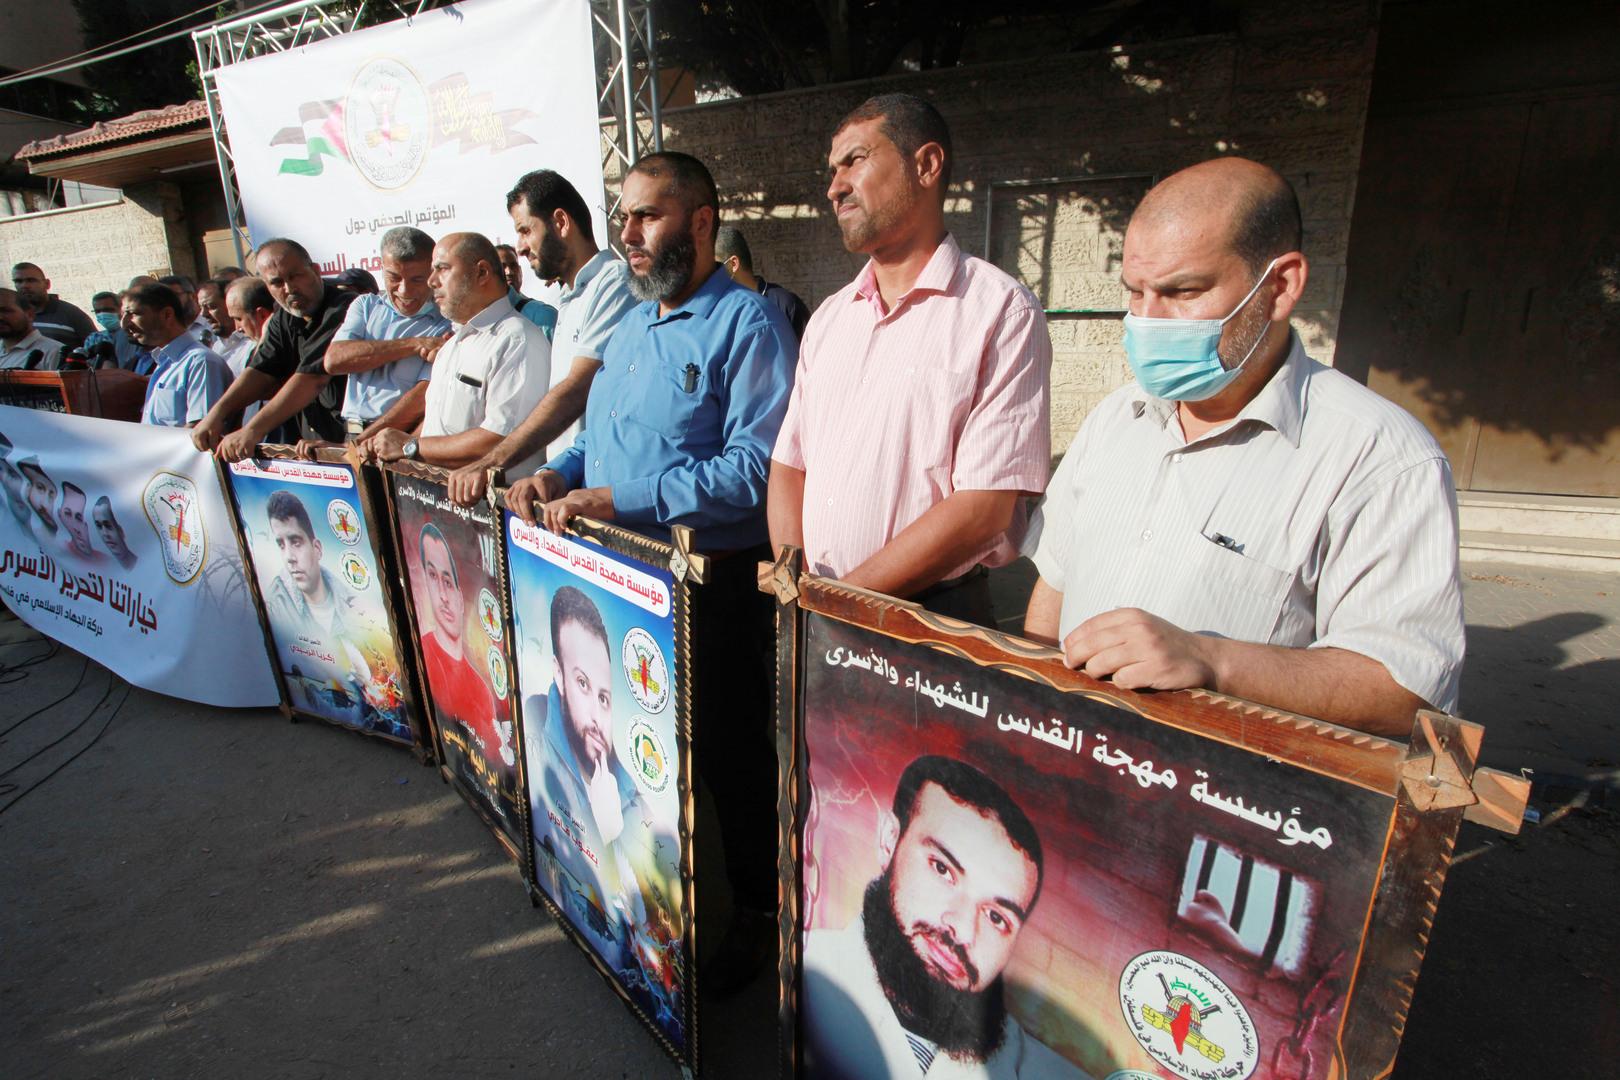 بعد لقائه الأسير محمود العارضة... محامي هيئة الأسرى يكشف تفاصيل جديدة في حفر نفق الحرية